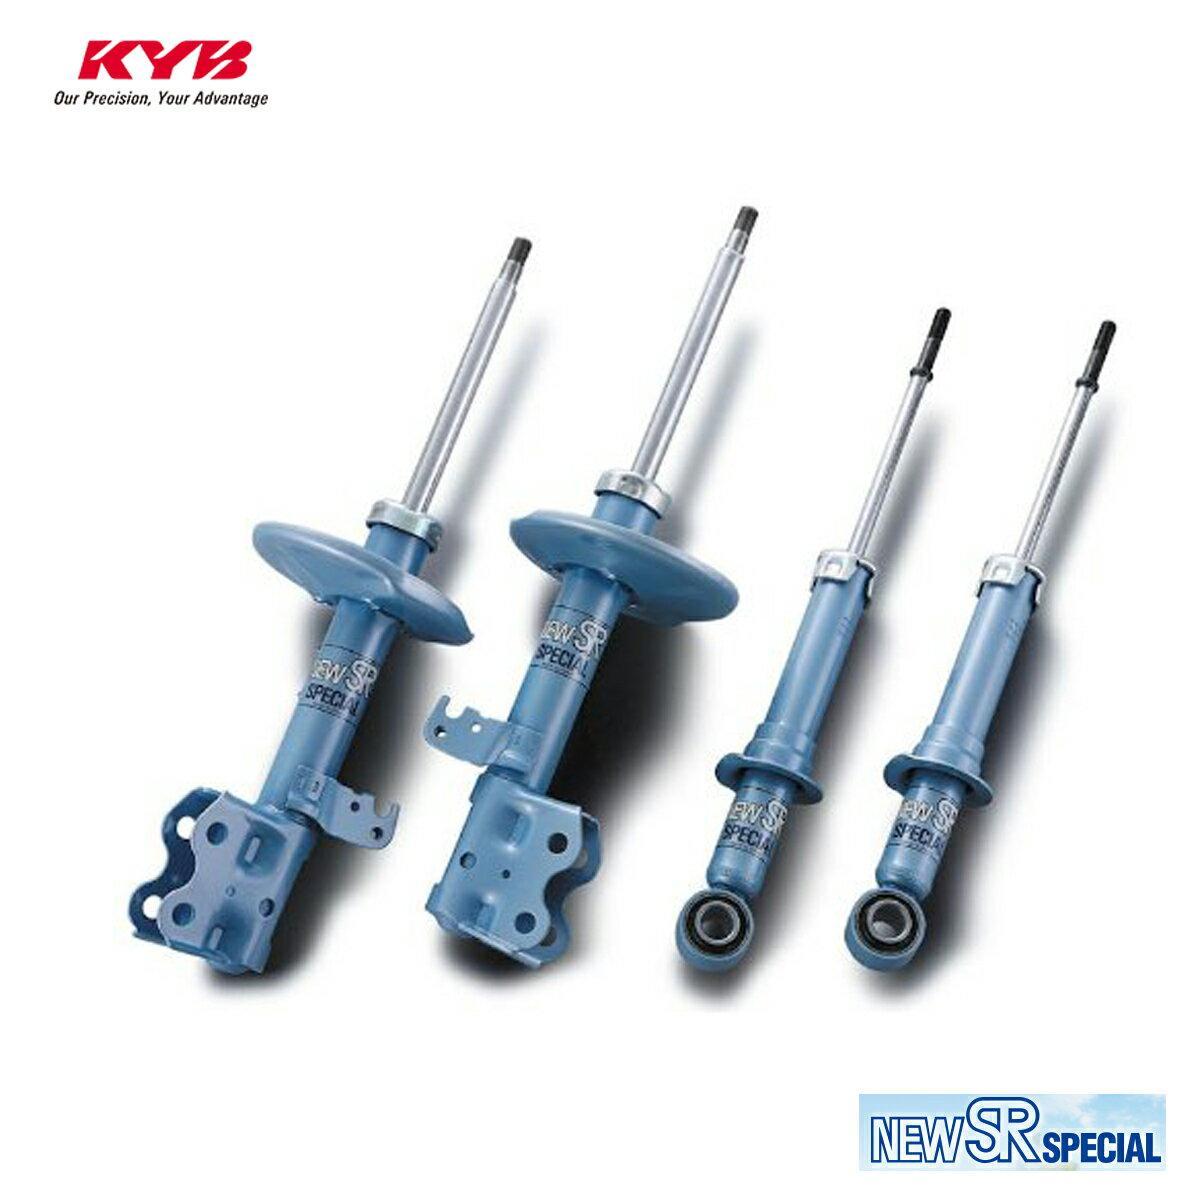 KYB カヤバ ランサー ミラージュ CP9A ショックアブソーバー フロント 右用 1本 NEW SR SPECIAL NST5165R 配送先条件有り